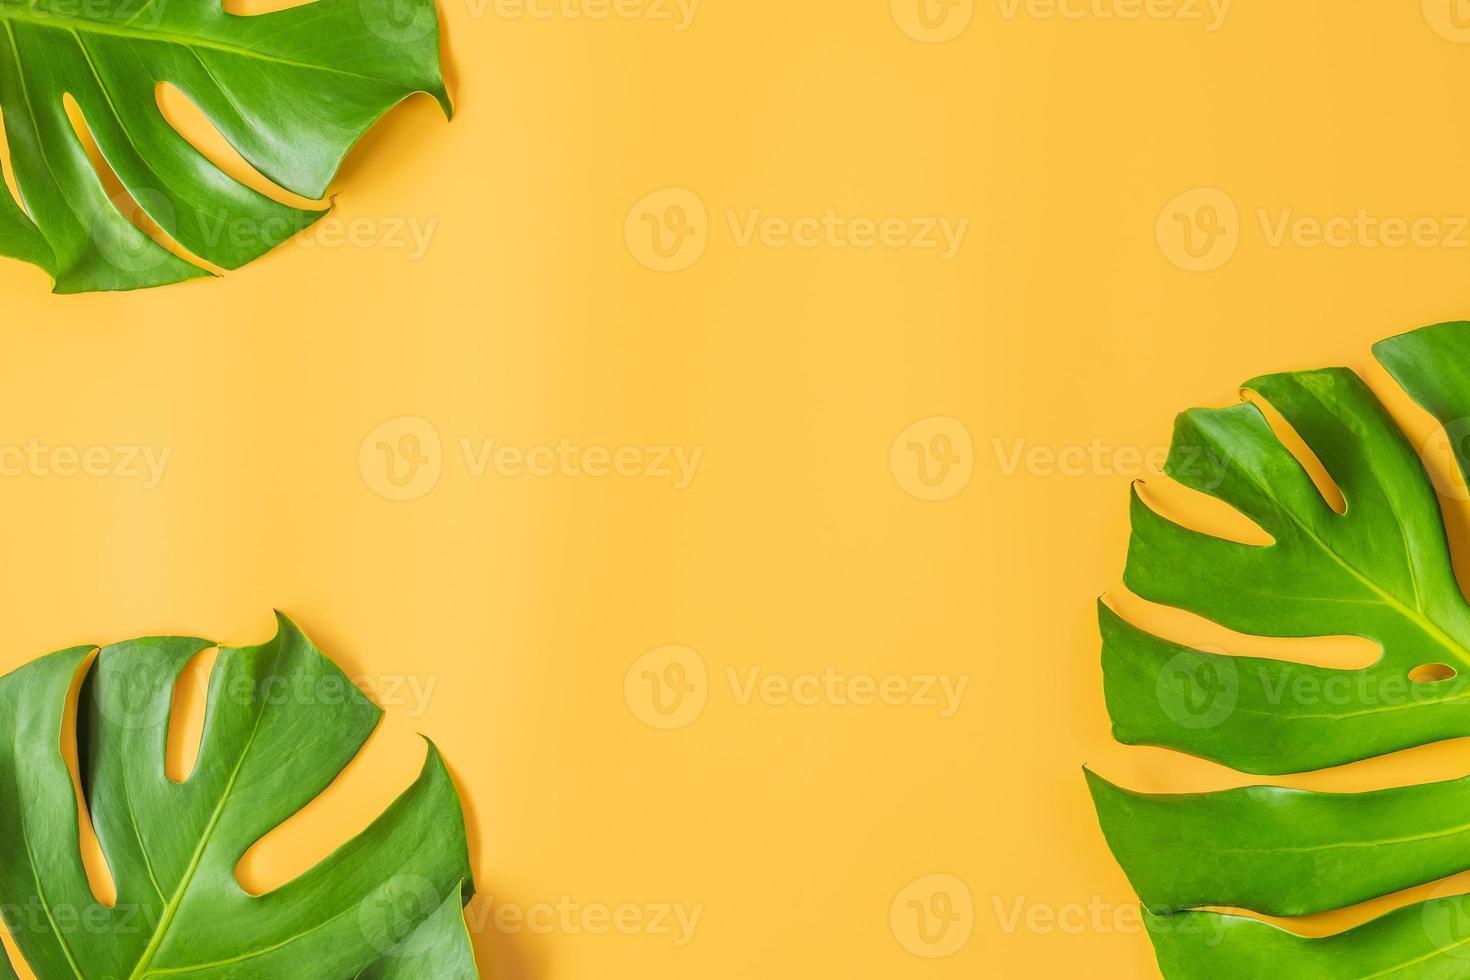 monstera blad på orange bakgrund foto